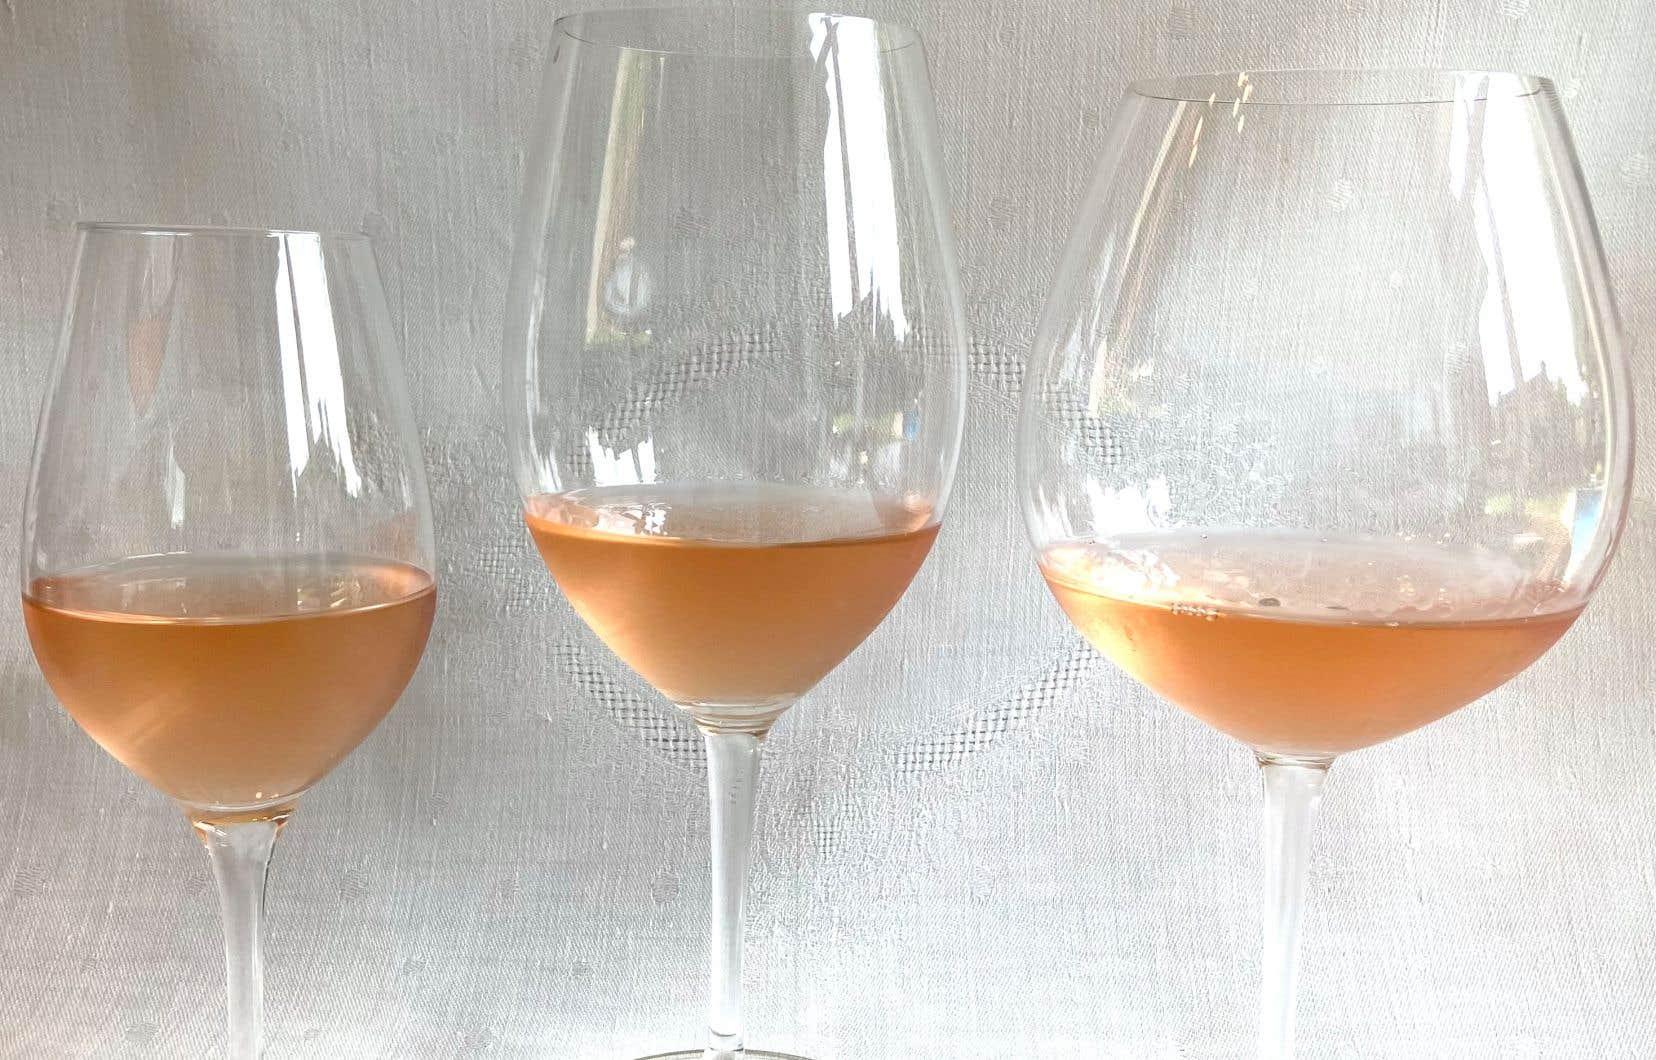 Les verres Stölzle INAO (A) et Riedel type bordeaux (B) et bourgogne (C)